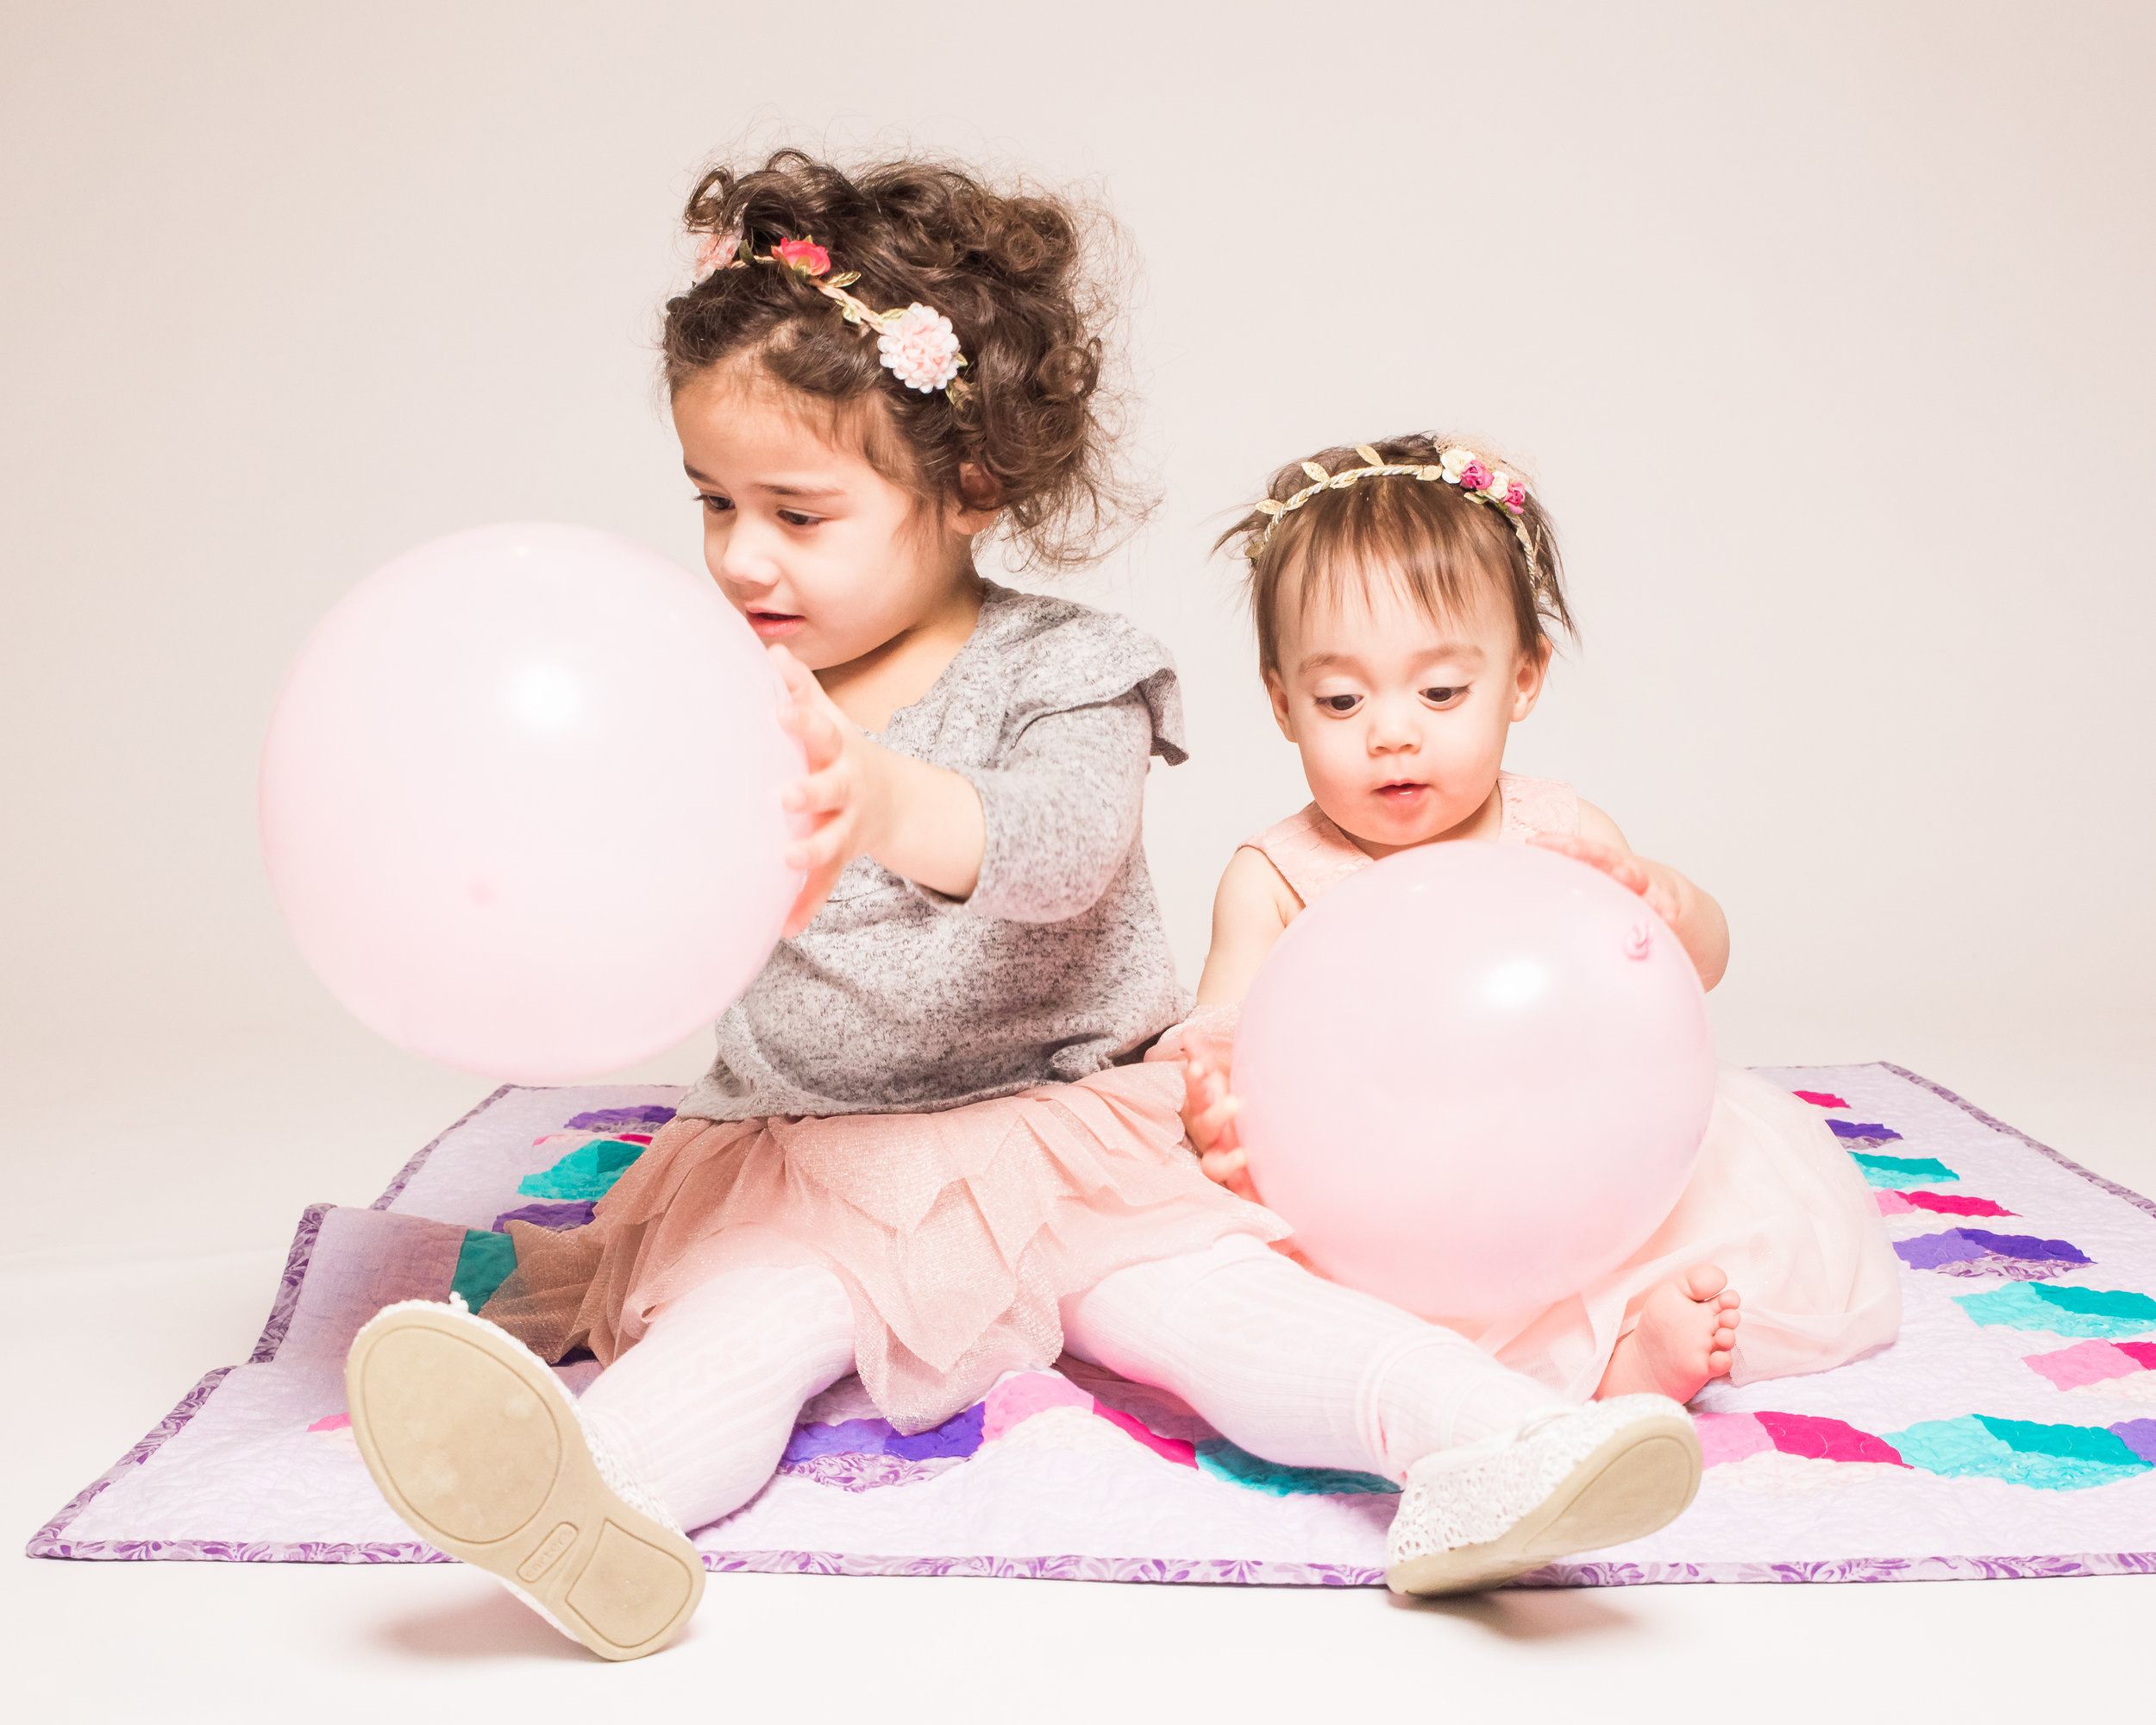 2018_February_04-Veronica_Sullivan_One_Year_Baby_Pics-44731.jpg